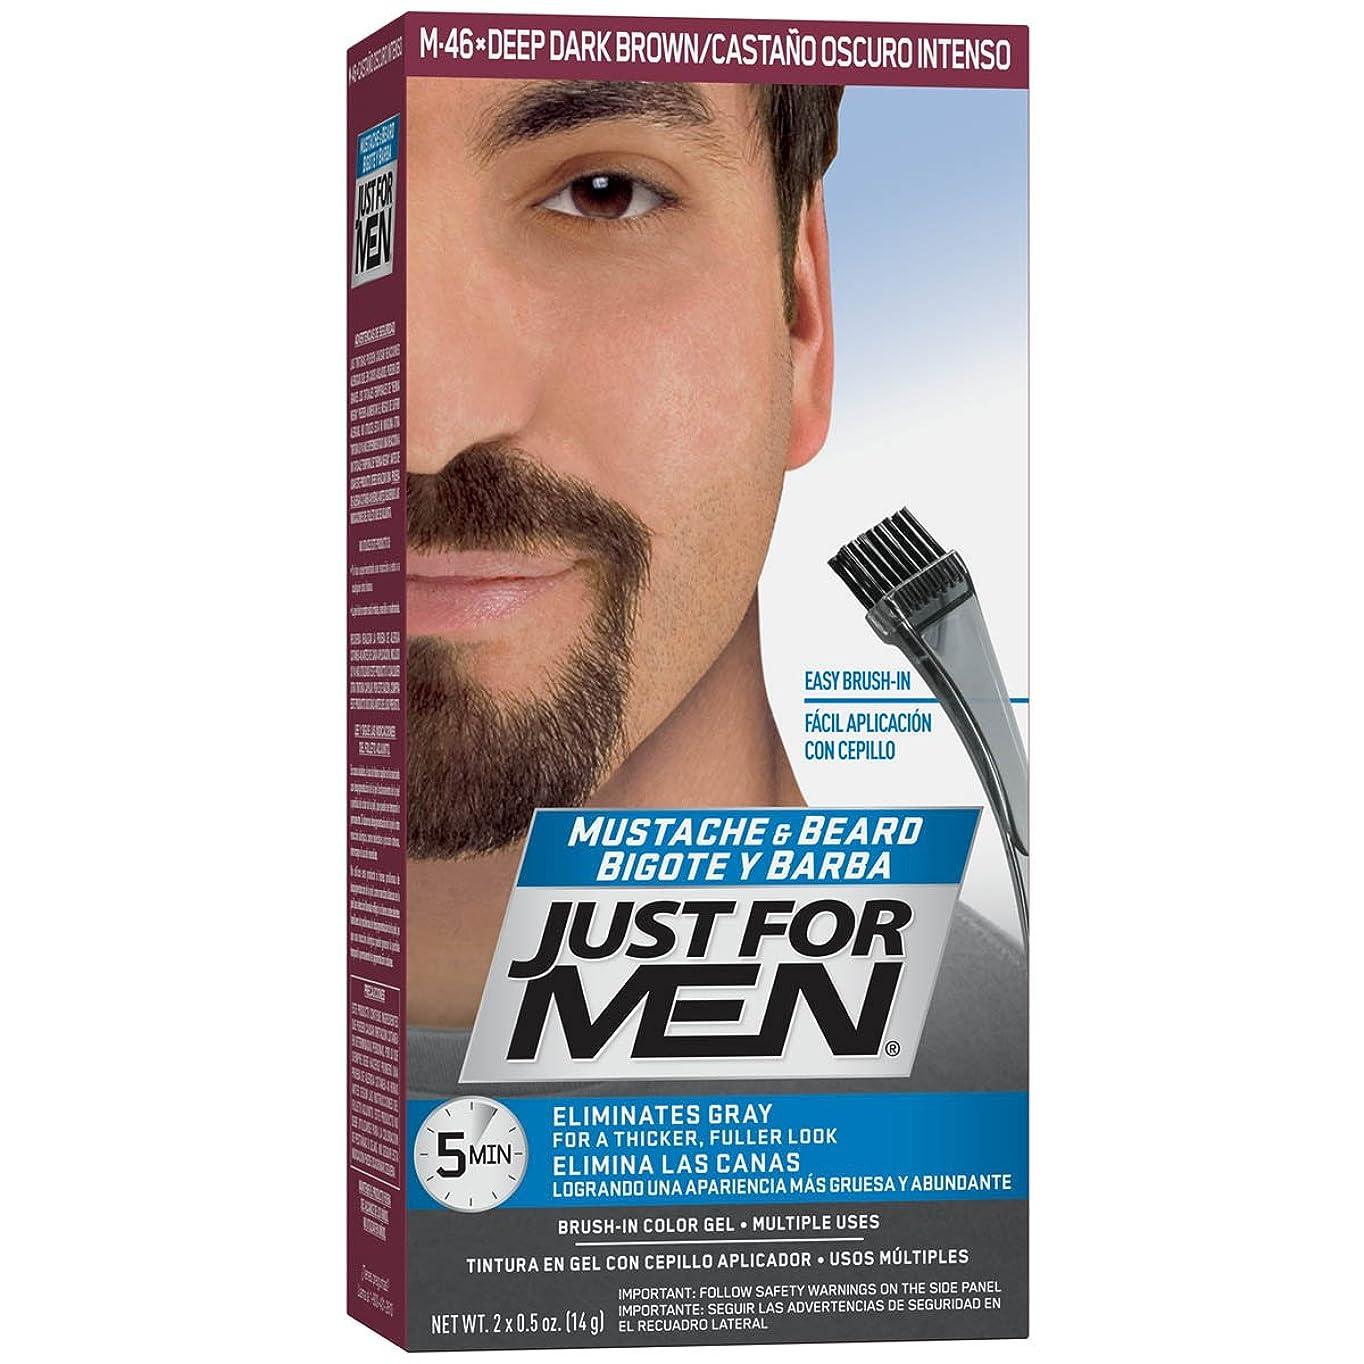 ライター適用する肌寒いJust for Men 口ひげ&髭ブラシ-のカラージェル、ディープダークブラウン(梱包が変更になる場合があります)